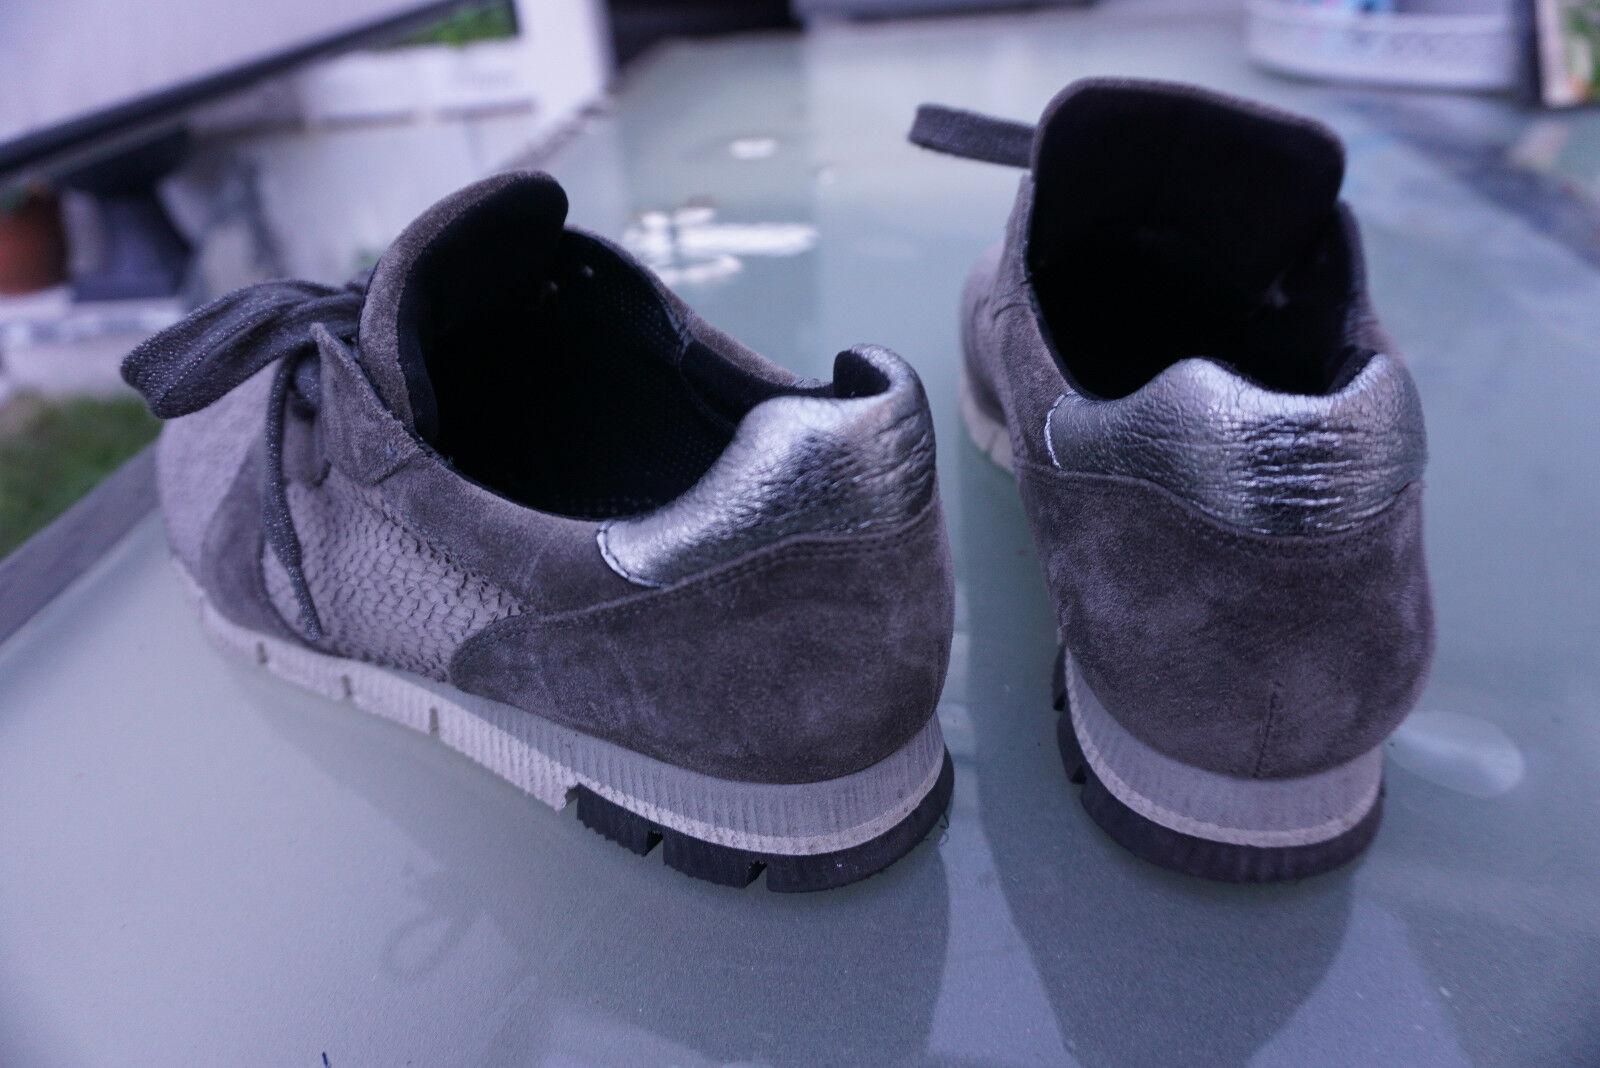 Bequeme Sneaker PAUL GREEN Damen Schuhe Schuhe Damen Sneaker Bequeme Laufschuhe ... e7c3d2